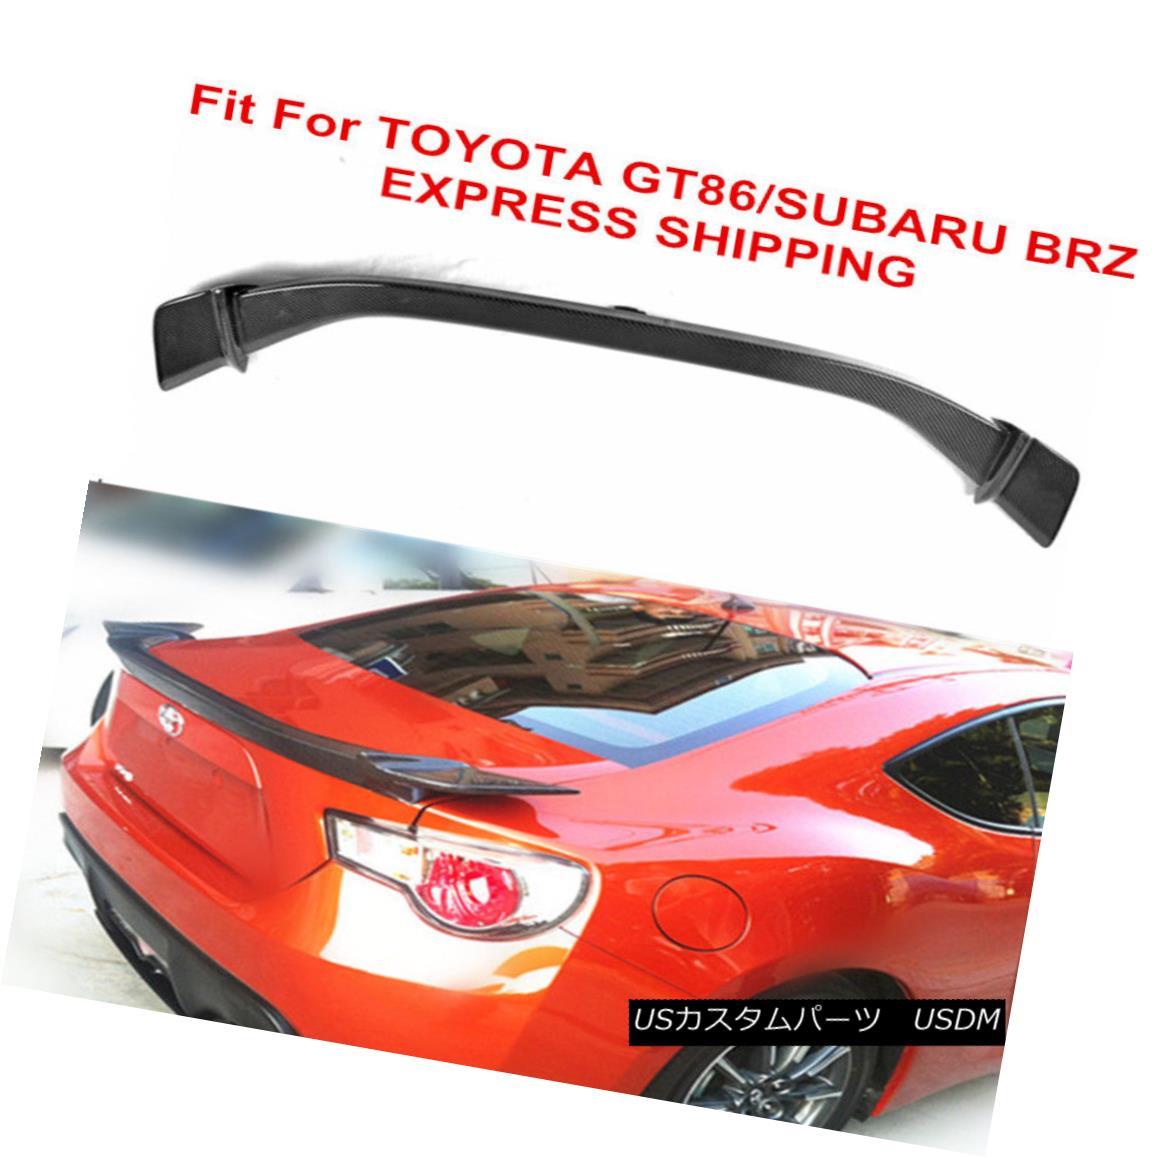 エアロパーツ Fit For Toyota 86 GT 2012-17 Subaru BRZ 13-17 Carbon Fiber Rear Trunk V Spoiler トヨタ86 GT 2012-17スバルBRZ 13-17カーボンファイバーリアトランクVスポイラー